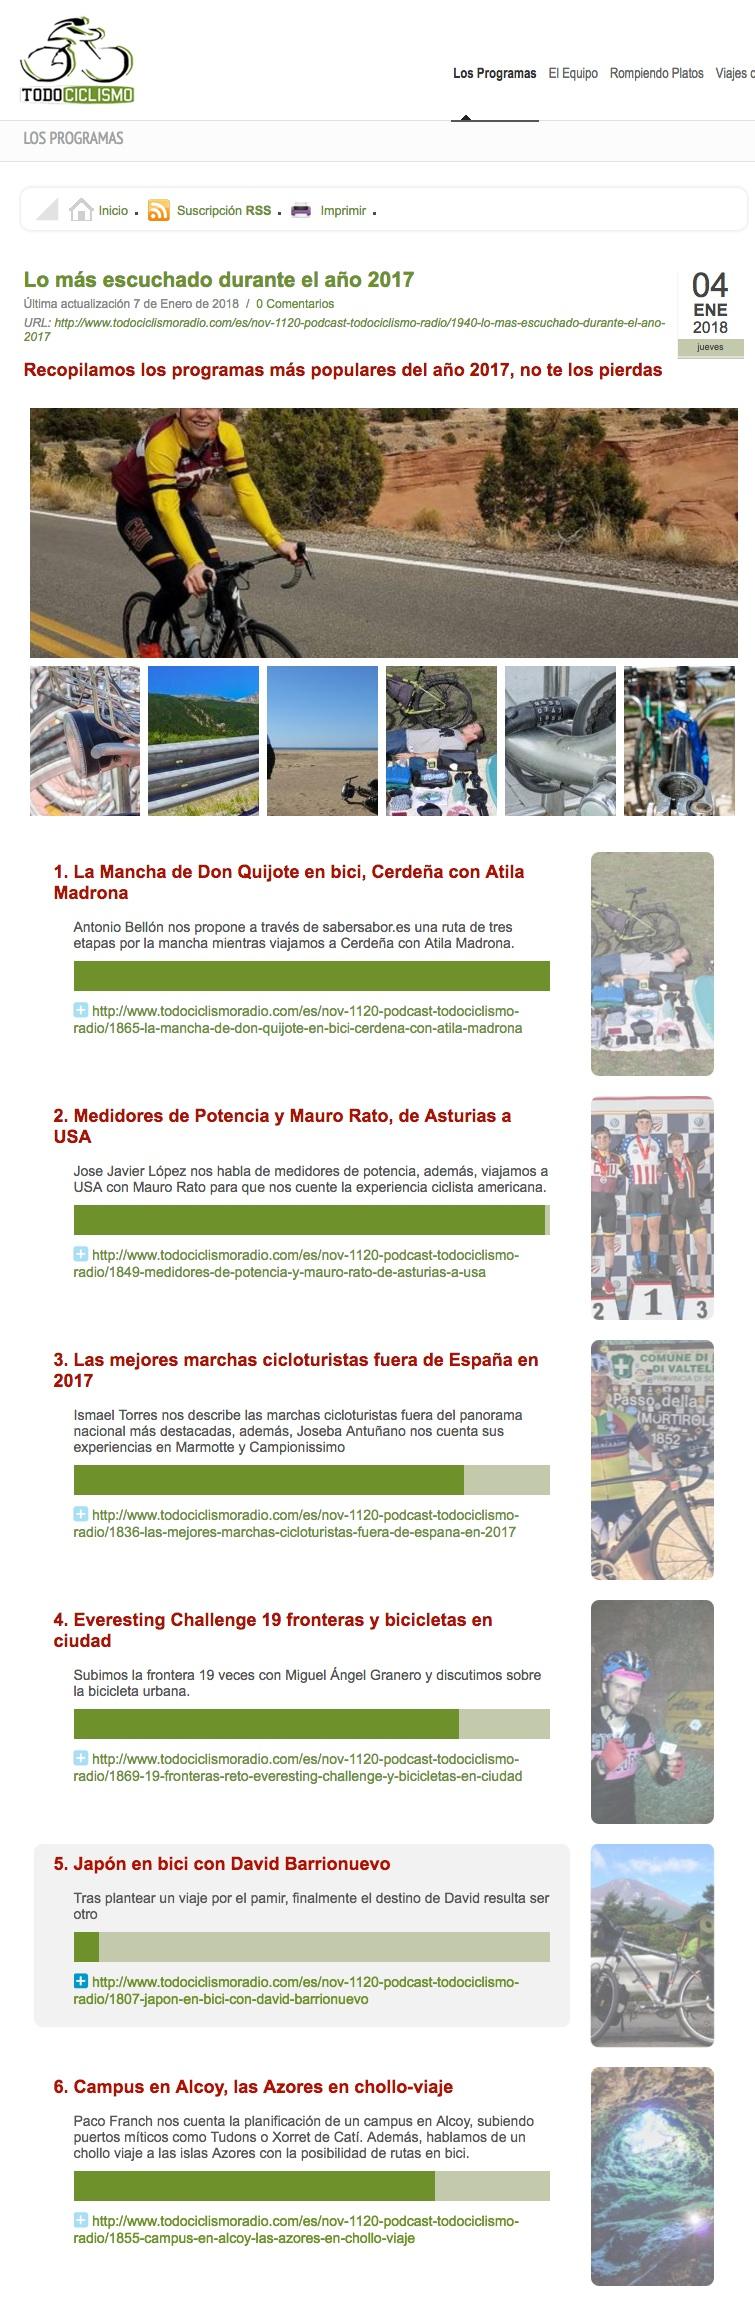 ruedascuadradas_todociclismoradio